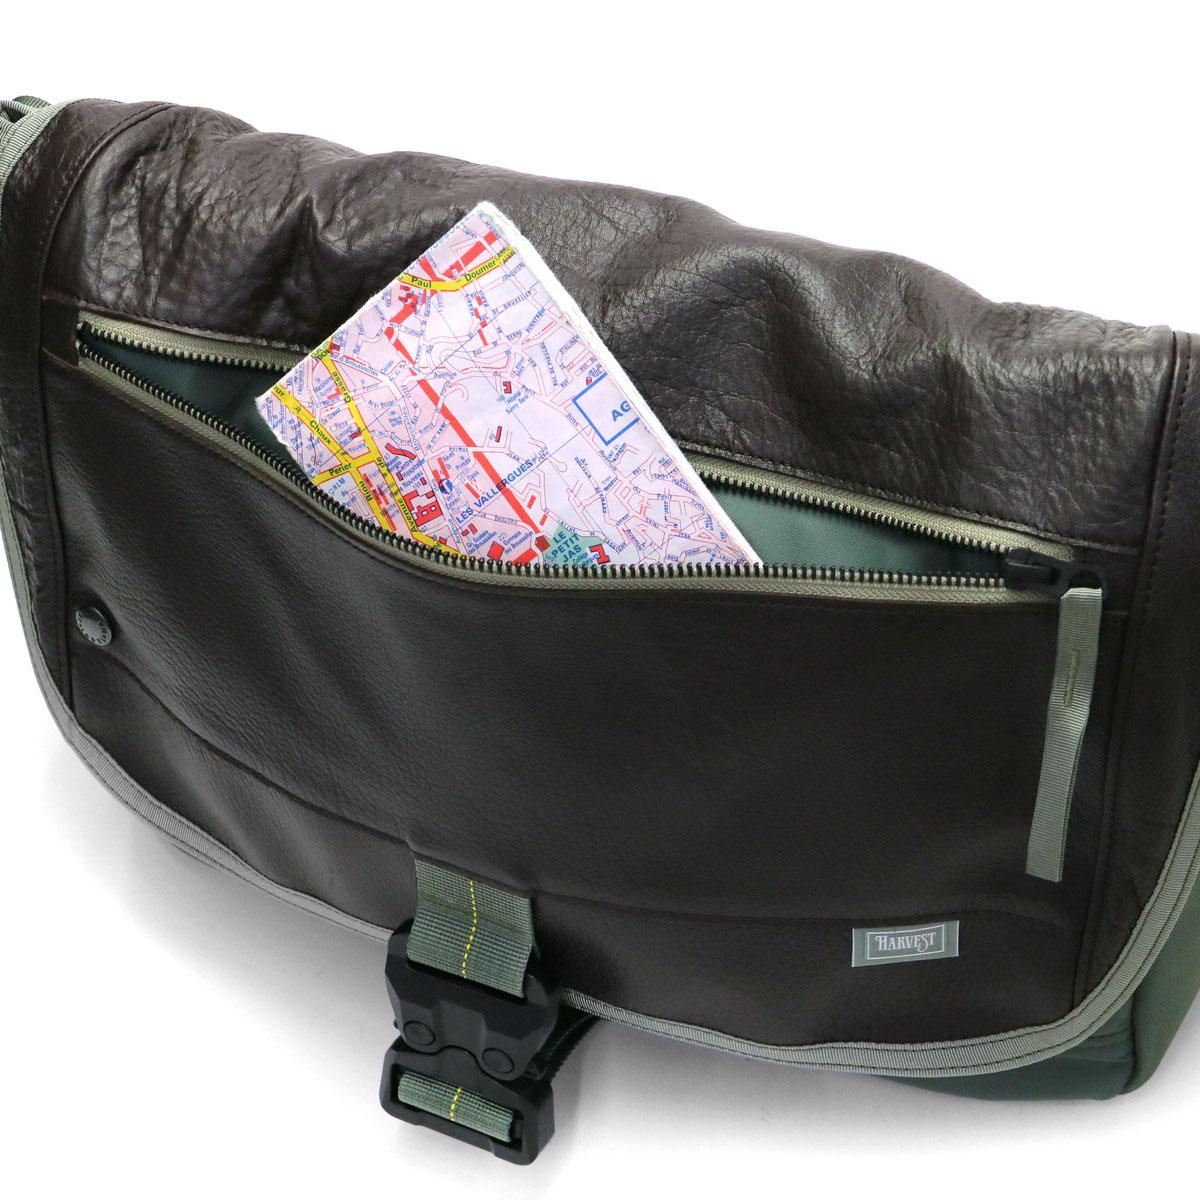 Harvest Label Custom Messenger Bag M Shoulder Military Mens Made In An Hc 0105